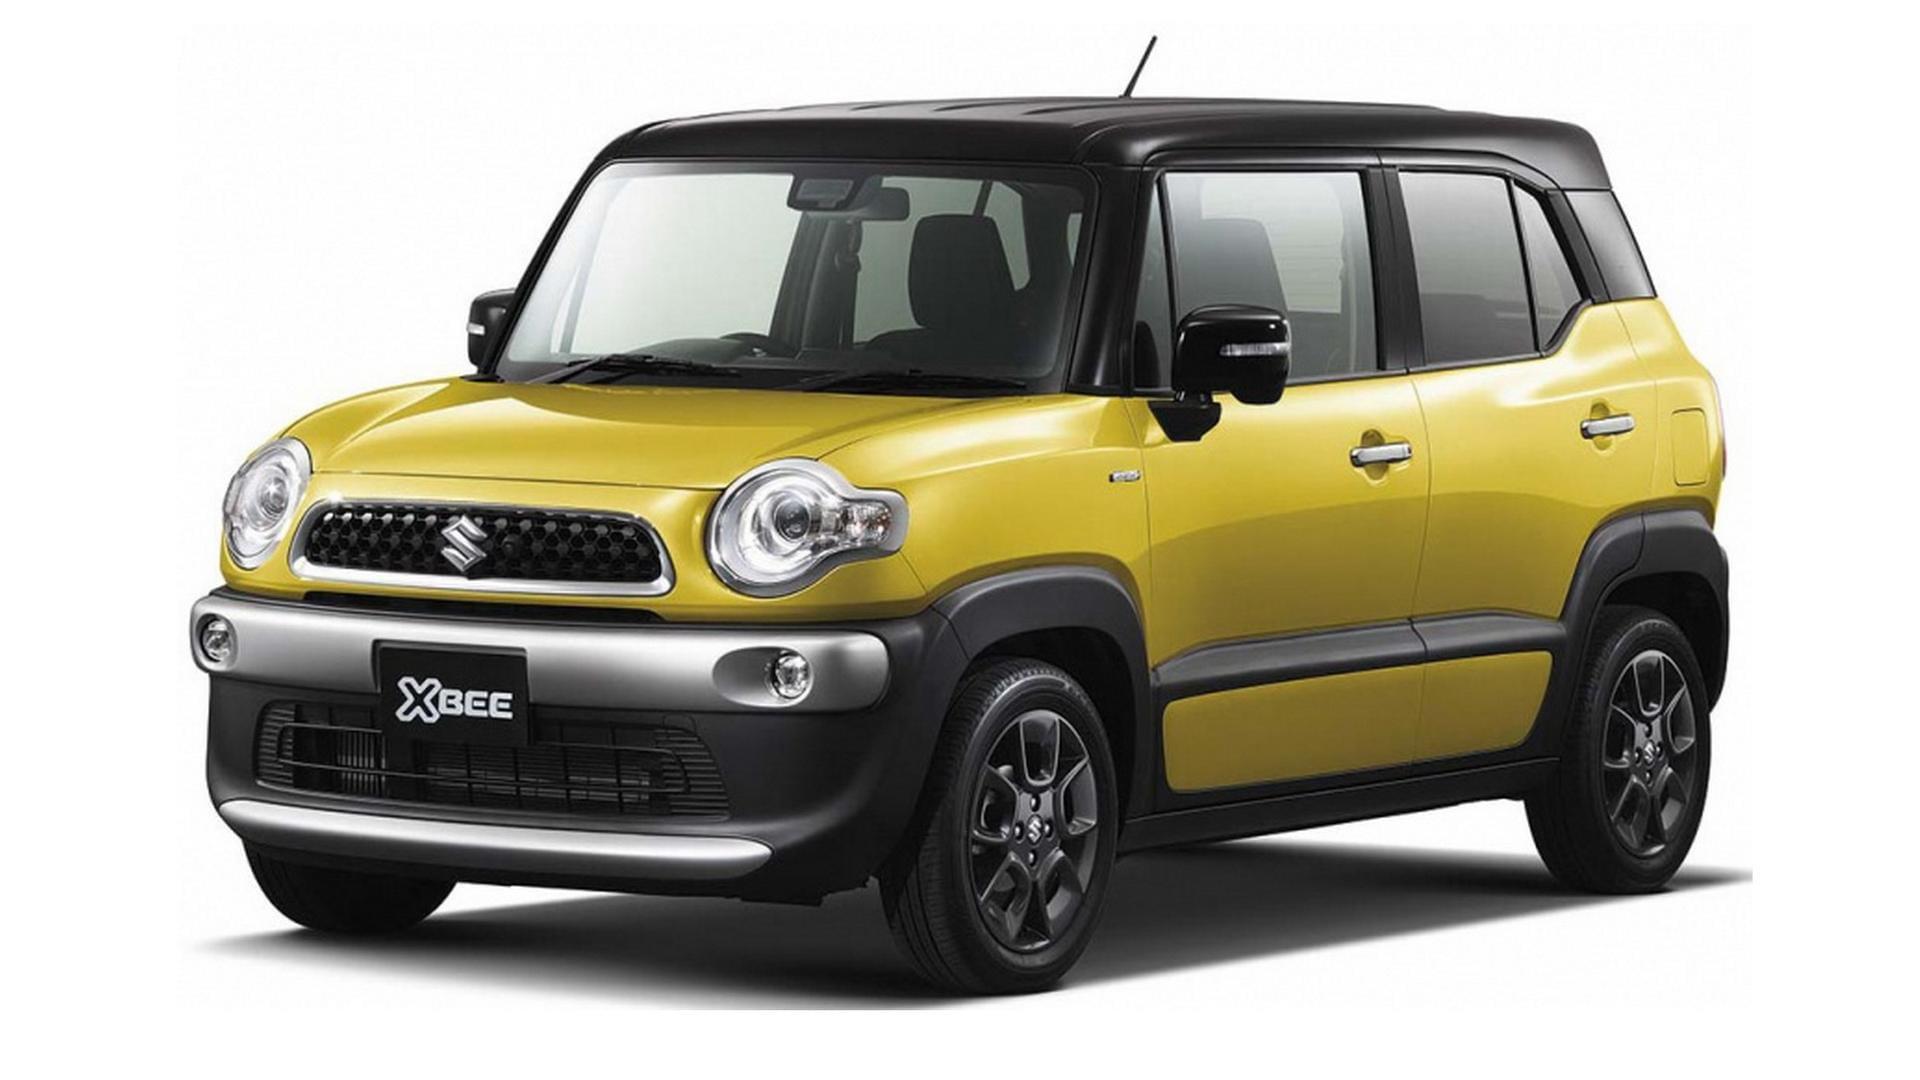 将在东京车展亮相 铃木Xbee概念车发布